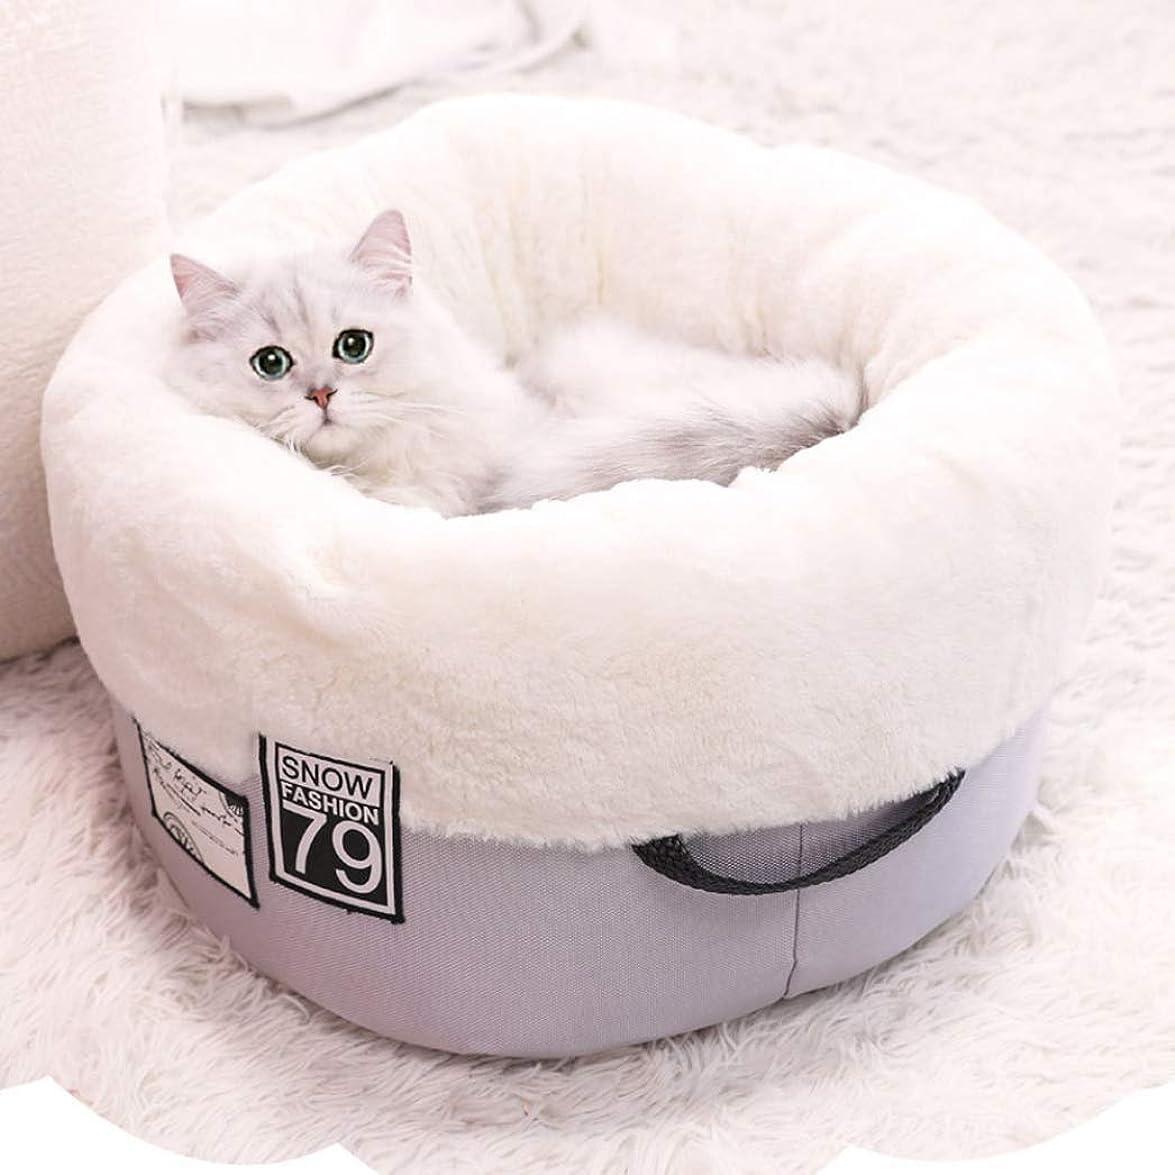 結果として航海のエアコン猫用ベッド 犬用ベッド 丸型 円形 可愛い おしゃれ インテリア ねこ 小型犬 ペットベッド ペット用マット クッション ふわふわ もこもこ 型崩れにくい 通年利用 ストレス解消 リラックス休憩 安眠